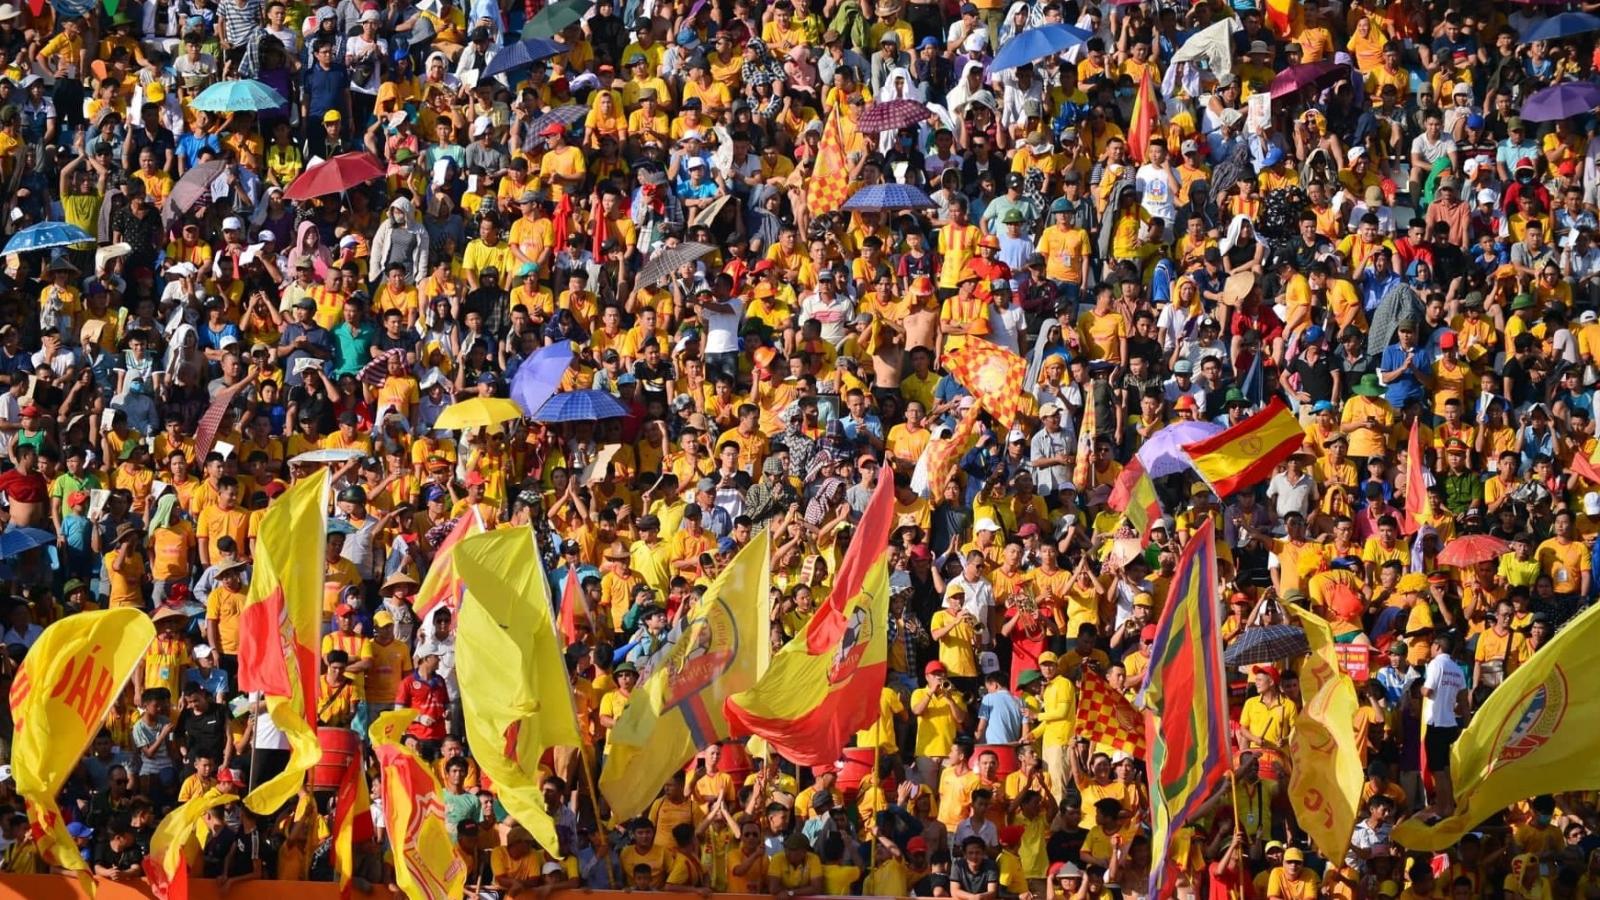 Quy định khắt khe dành cho các CĐV vào sân xem trận Nam Định - HAGL